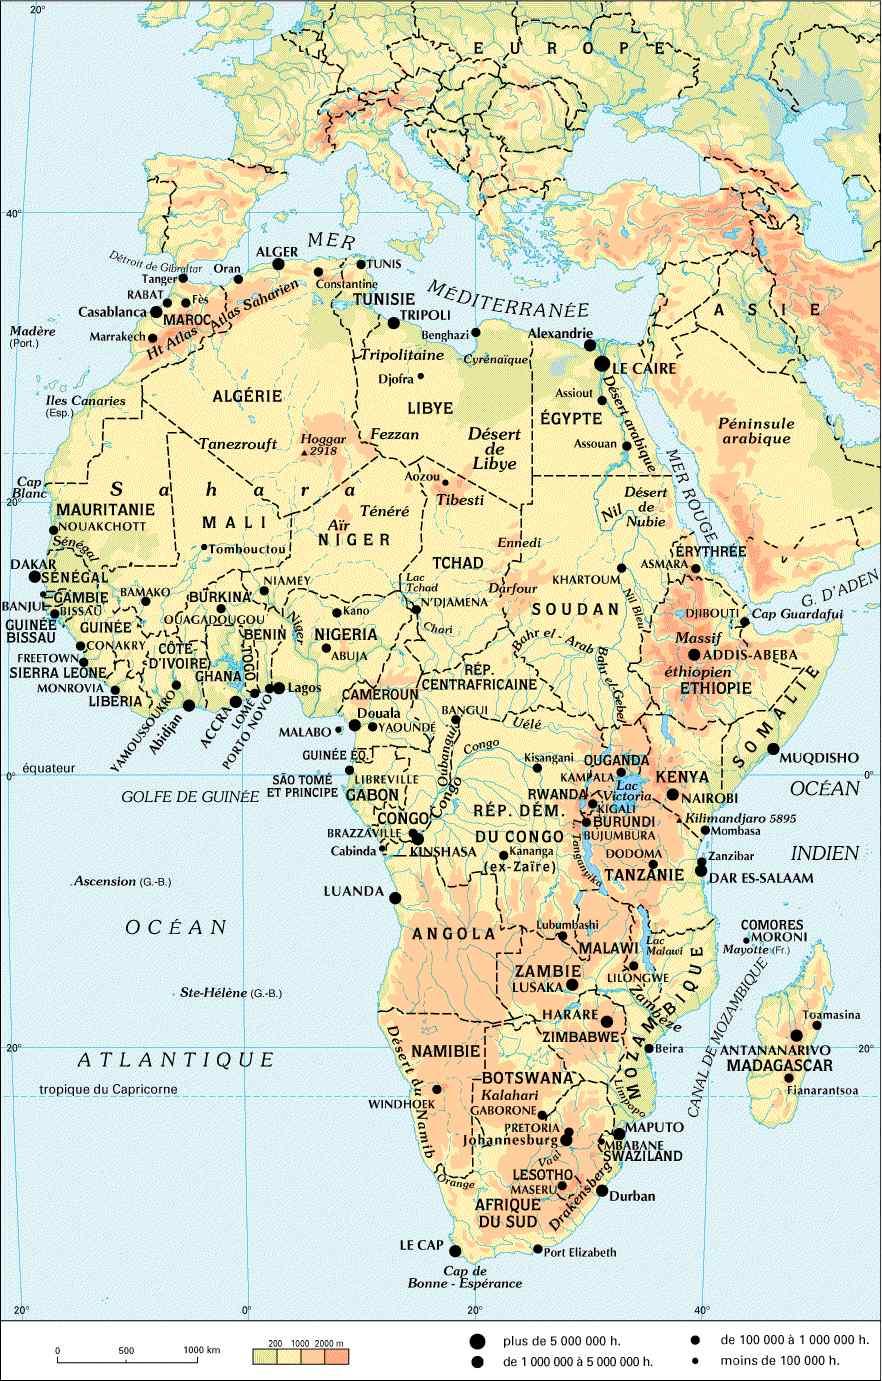 Carte De Lafrique Maghreb.Cartes D Afrique Francophone Carte Du Maghreb Niger Togo